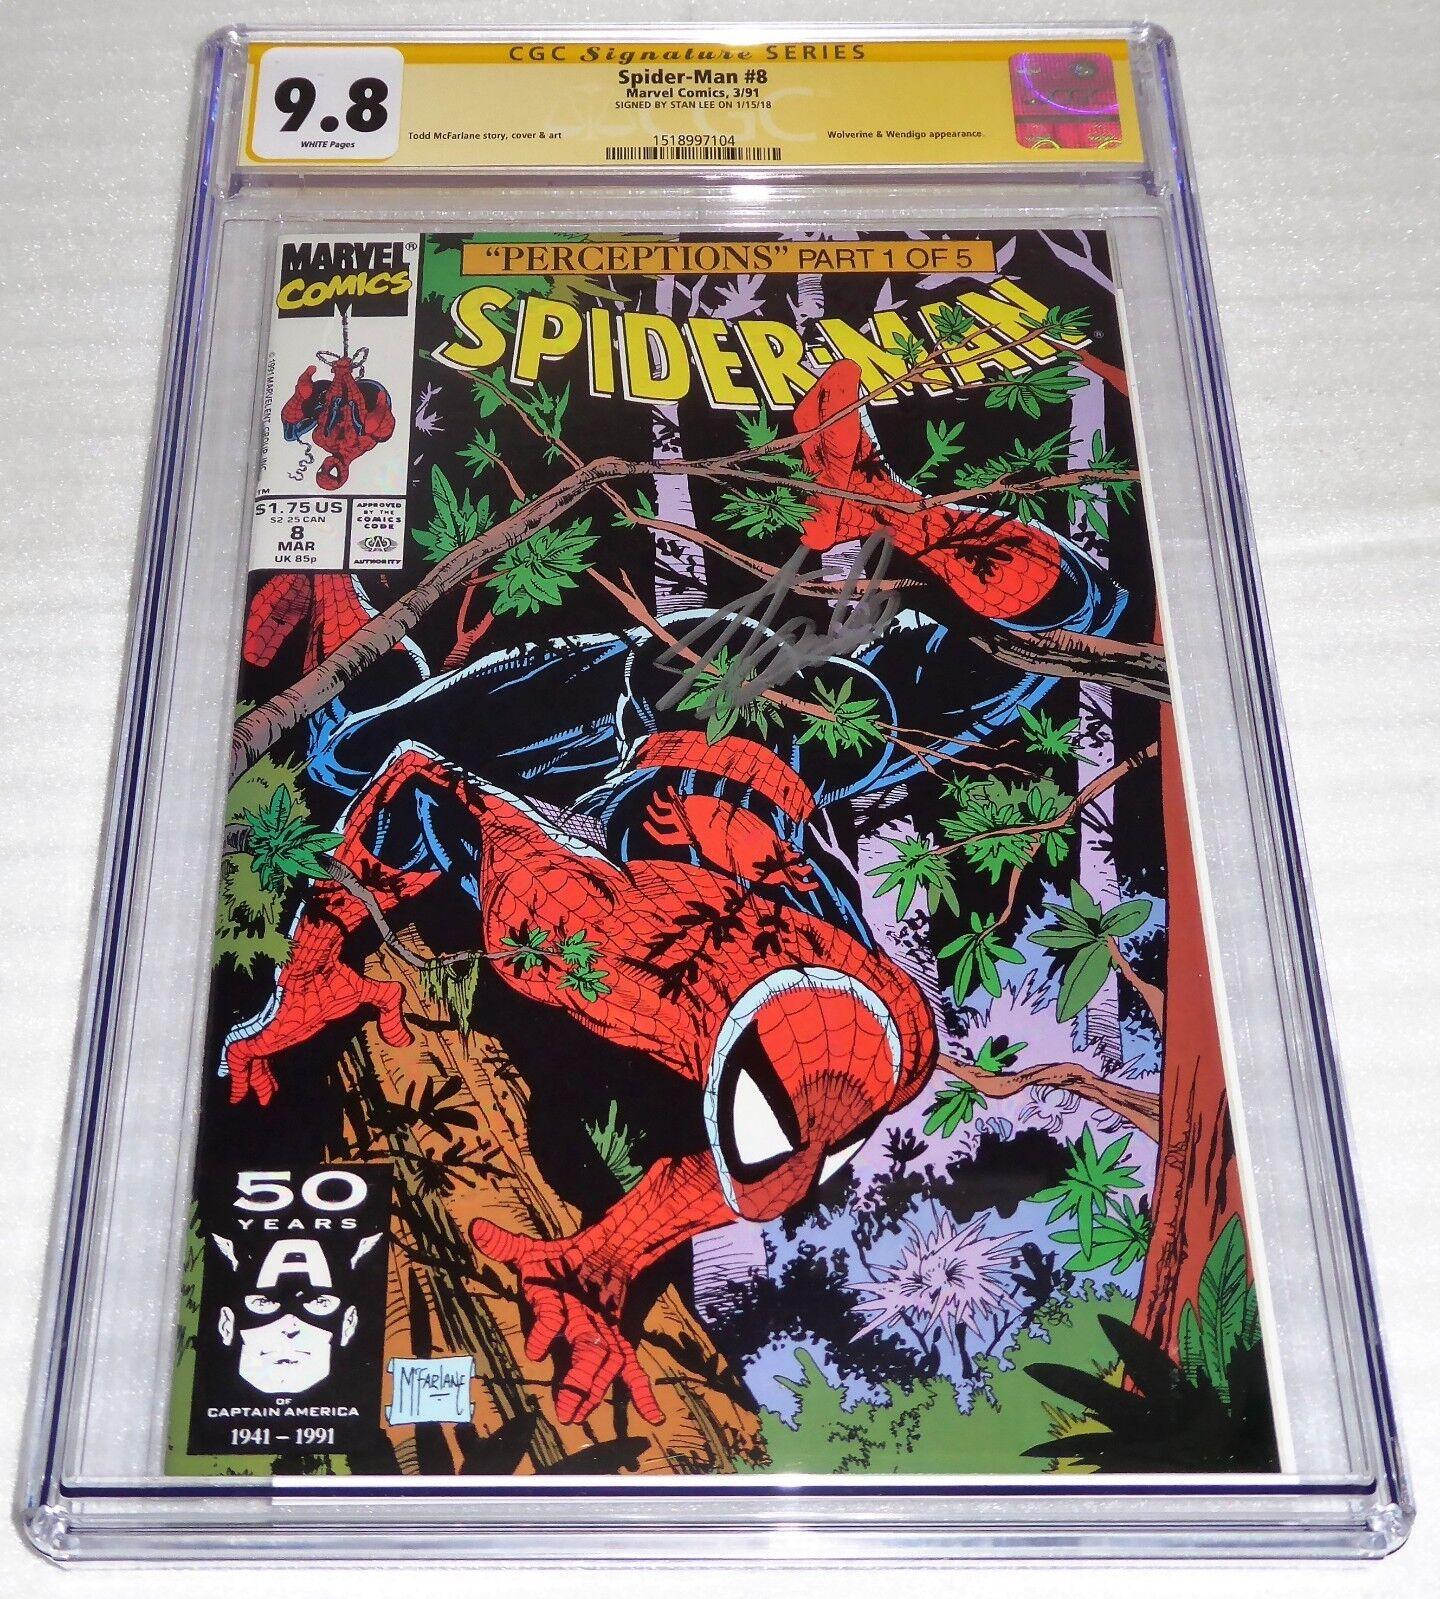 Spider-Man #8 CGC SS 9.8 Signature Autograph STAN LEE Wolverine & Wendigo Appear